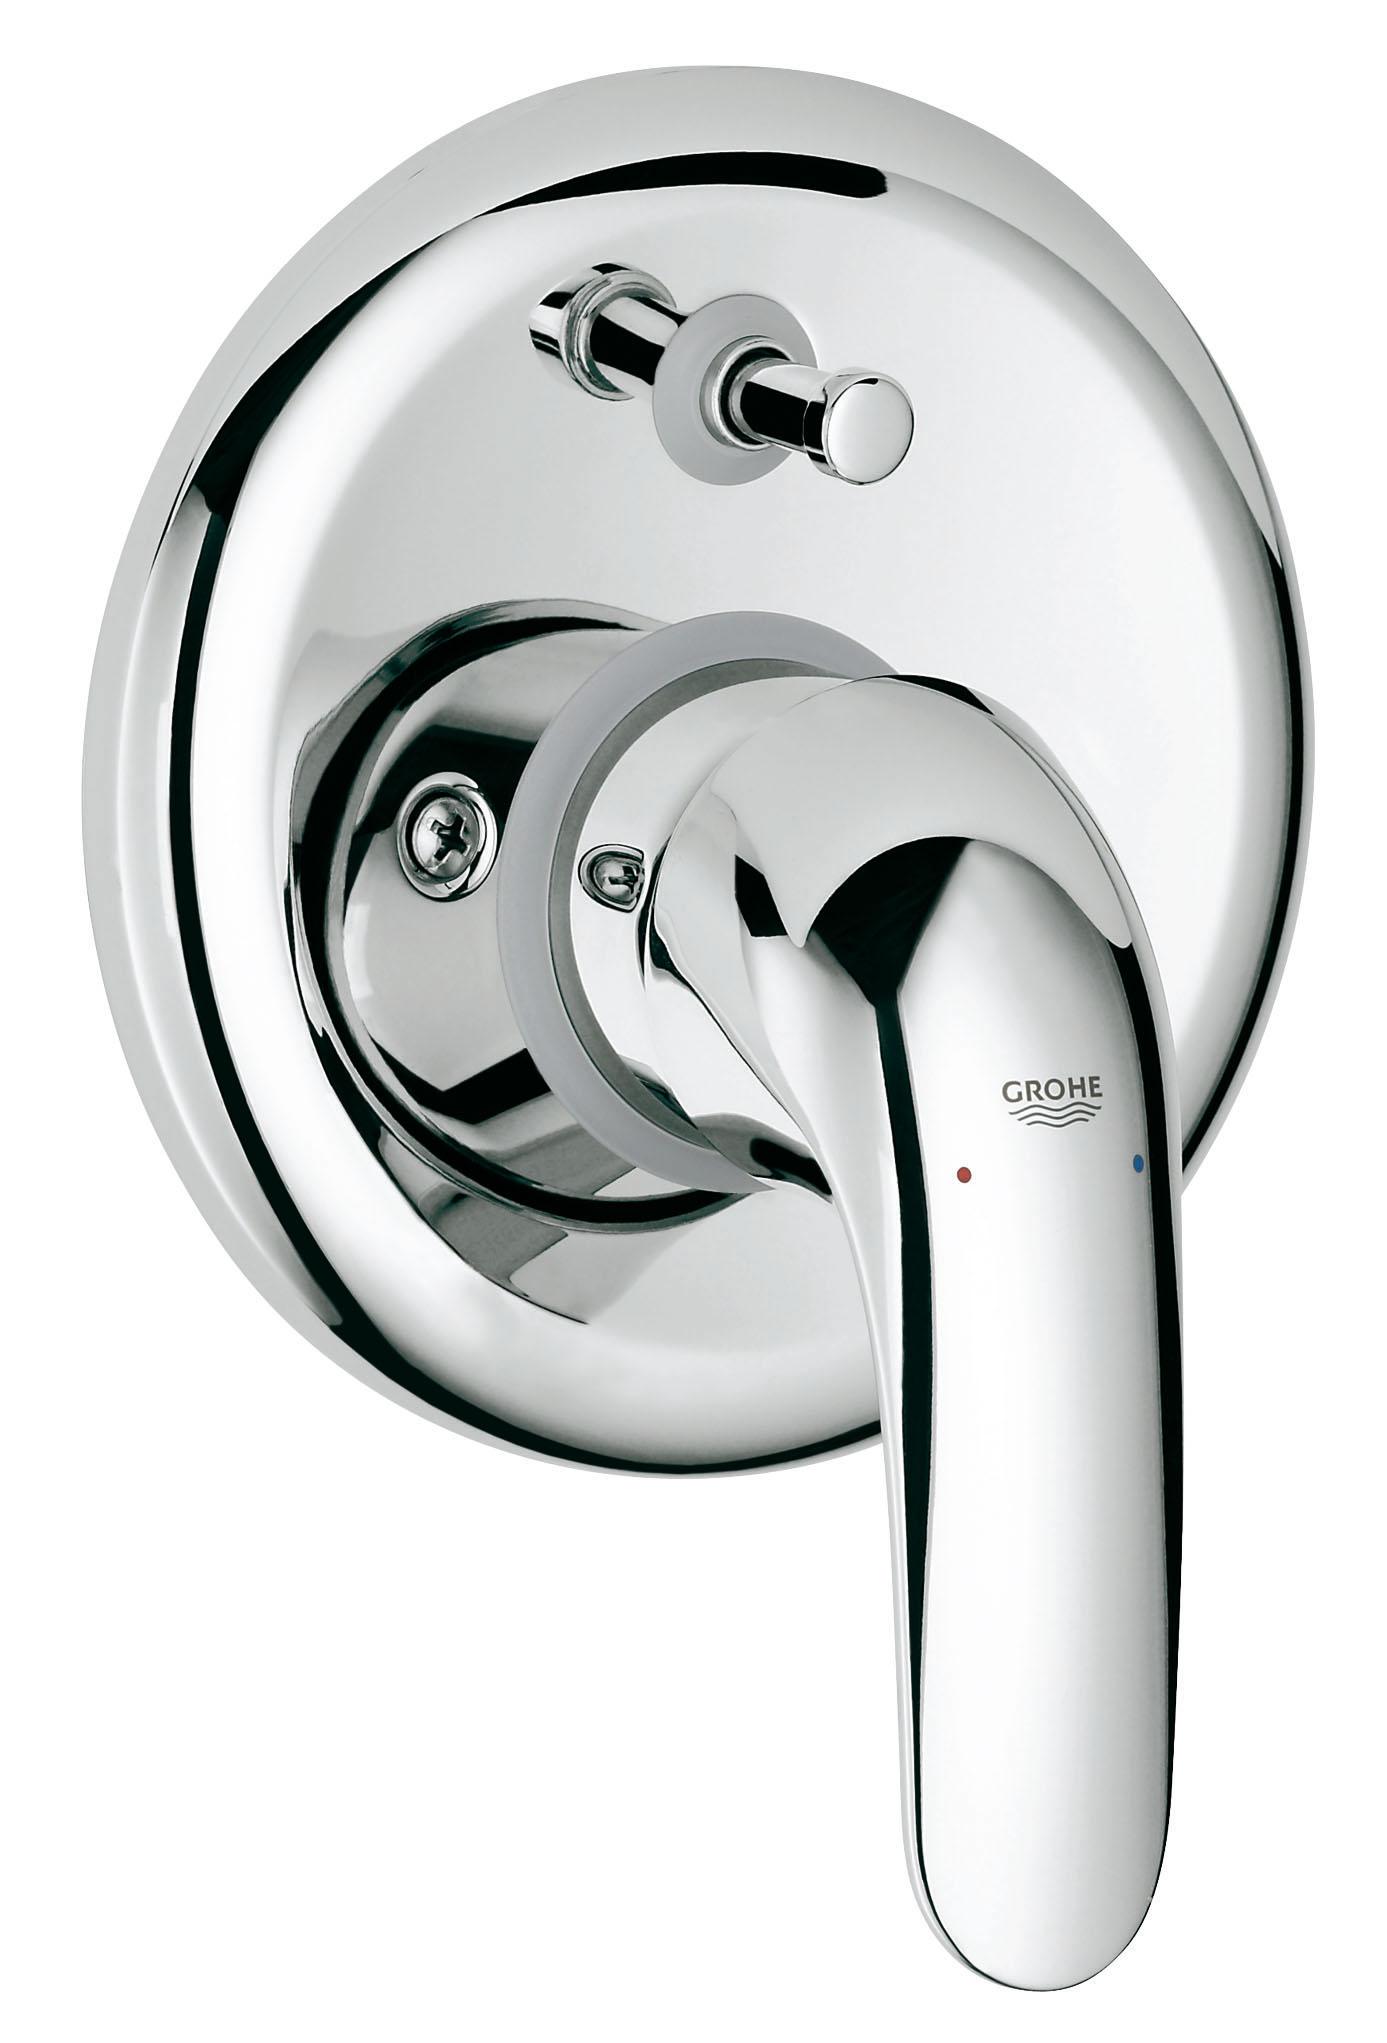 Смеситель встраиваемый для ванны GROHE Euroeco new (встр. механизм в комплекте) (32747000)ADRSB00M01Скрытый монтаж Включает в себя: Встраиваемый механизм (33 963) Комплект готового монтажа (19 379) GROHE SilkMove керамический картридж O 46 мм GROHE StarLight хромированная поверхностьАвтоматический переключатель: ванна/душ Металлический рычаг Уплотнитель розетки и рычага Отражатели из металла Винтовое крепление Дополнительный ограничитель температуры (46 308 000)